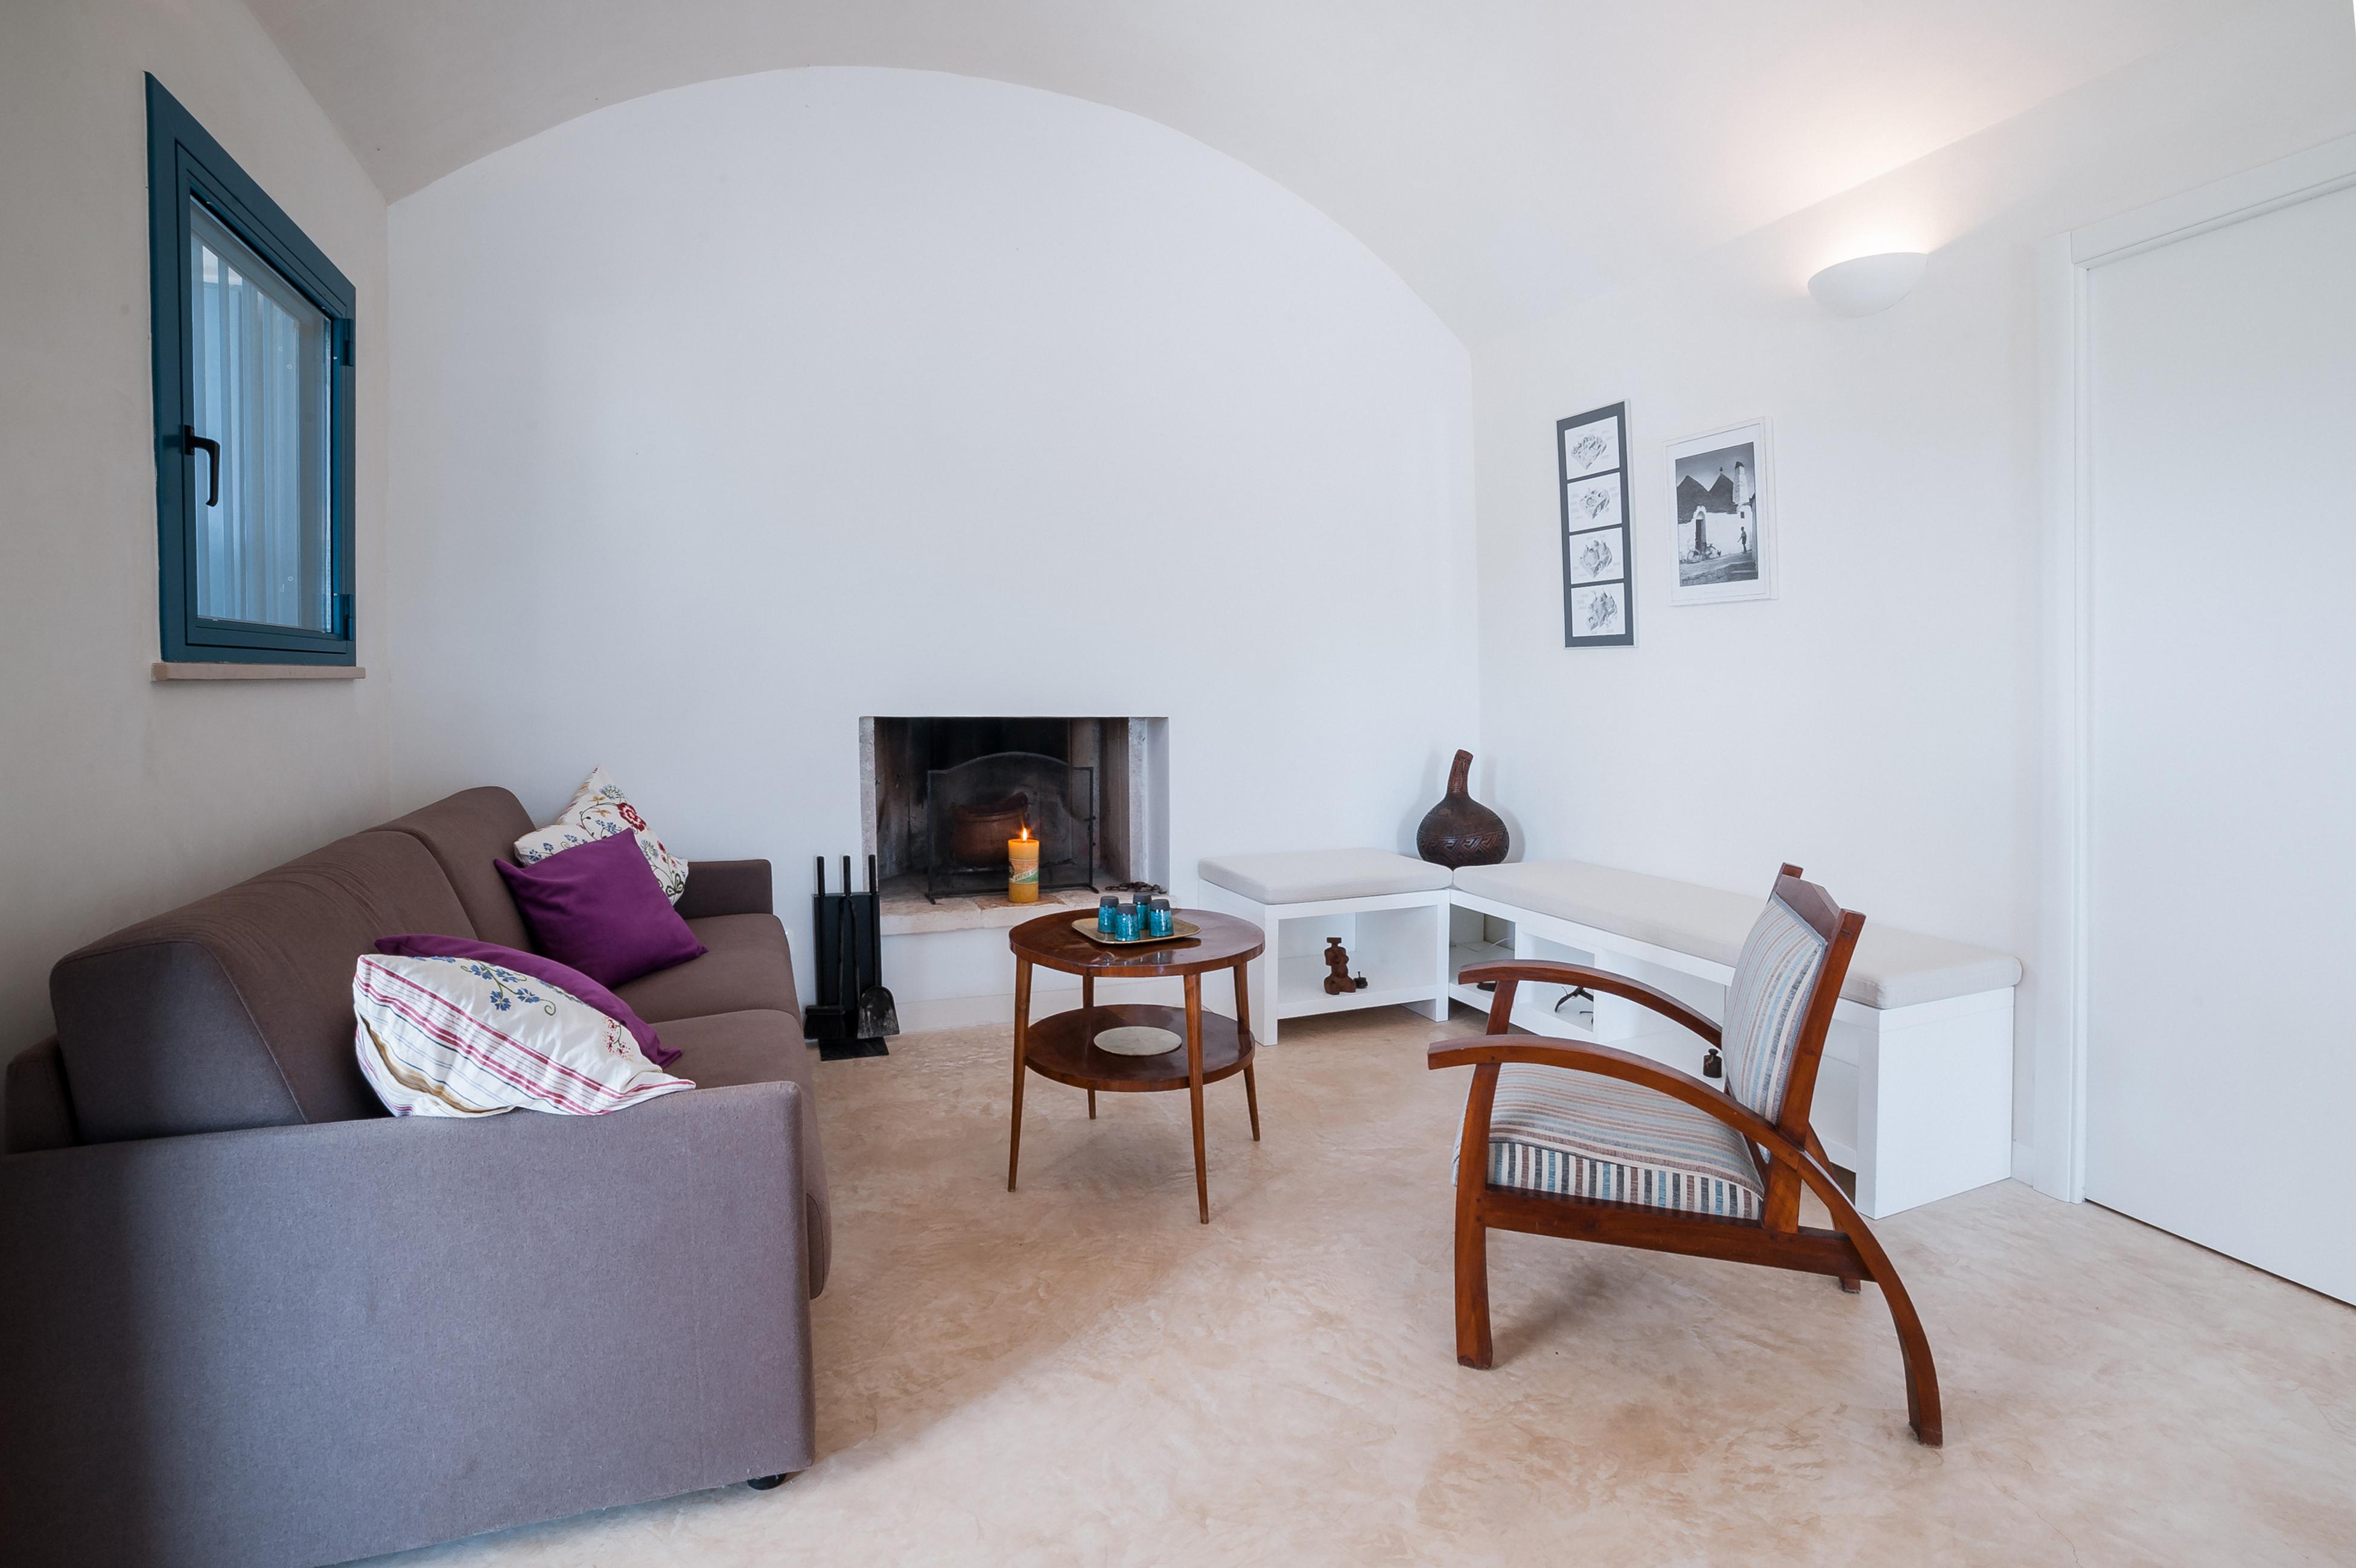 Il caminetto, il divano e la poltrona… piccoli segreti per il tuo ...